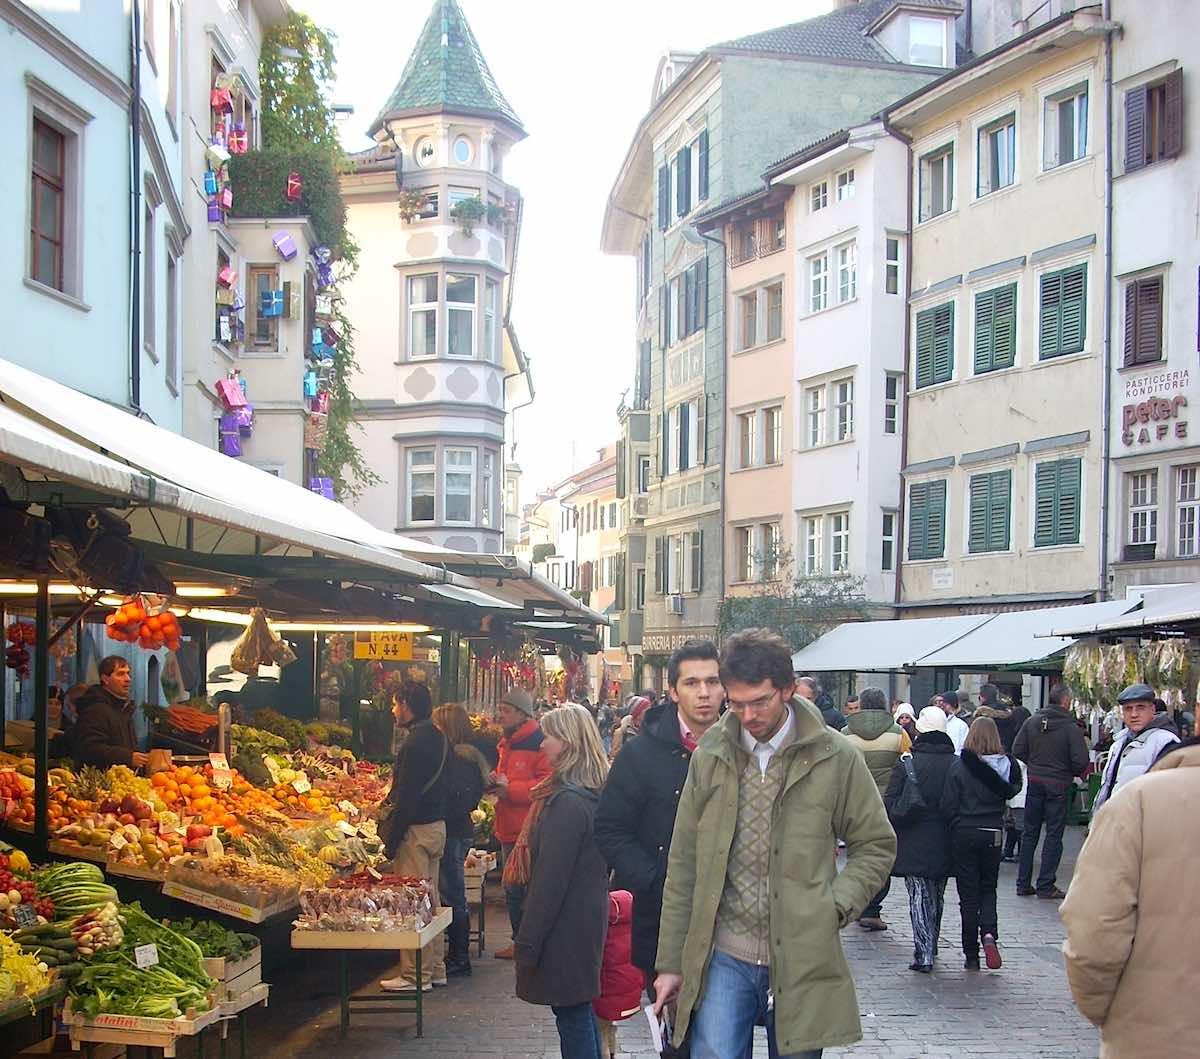 Bozen, Südtirol: Blick auf den Markt auf dem Obstplatz – Foto: Beate Ziehres